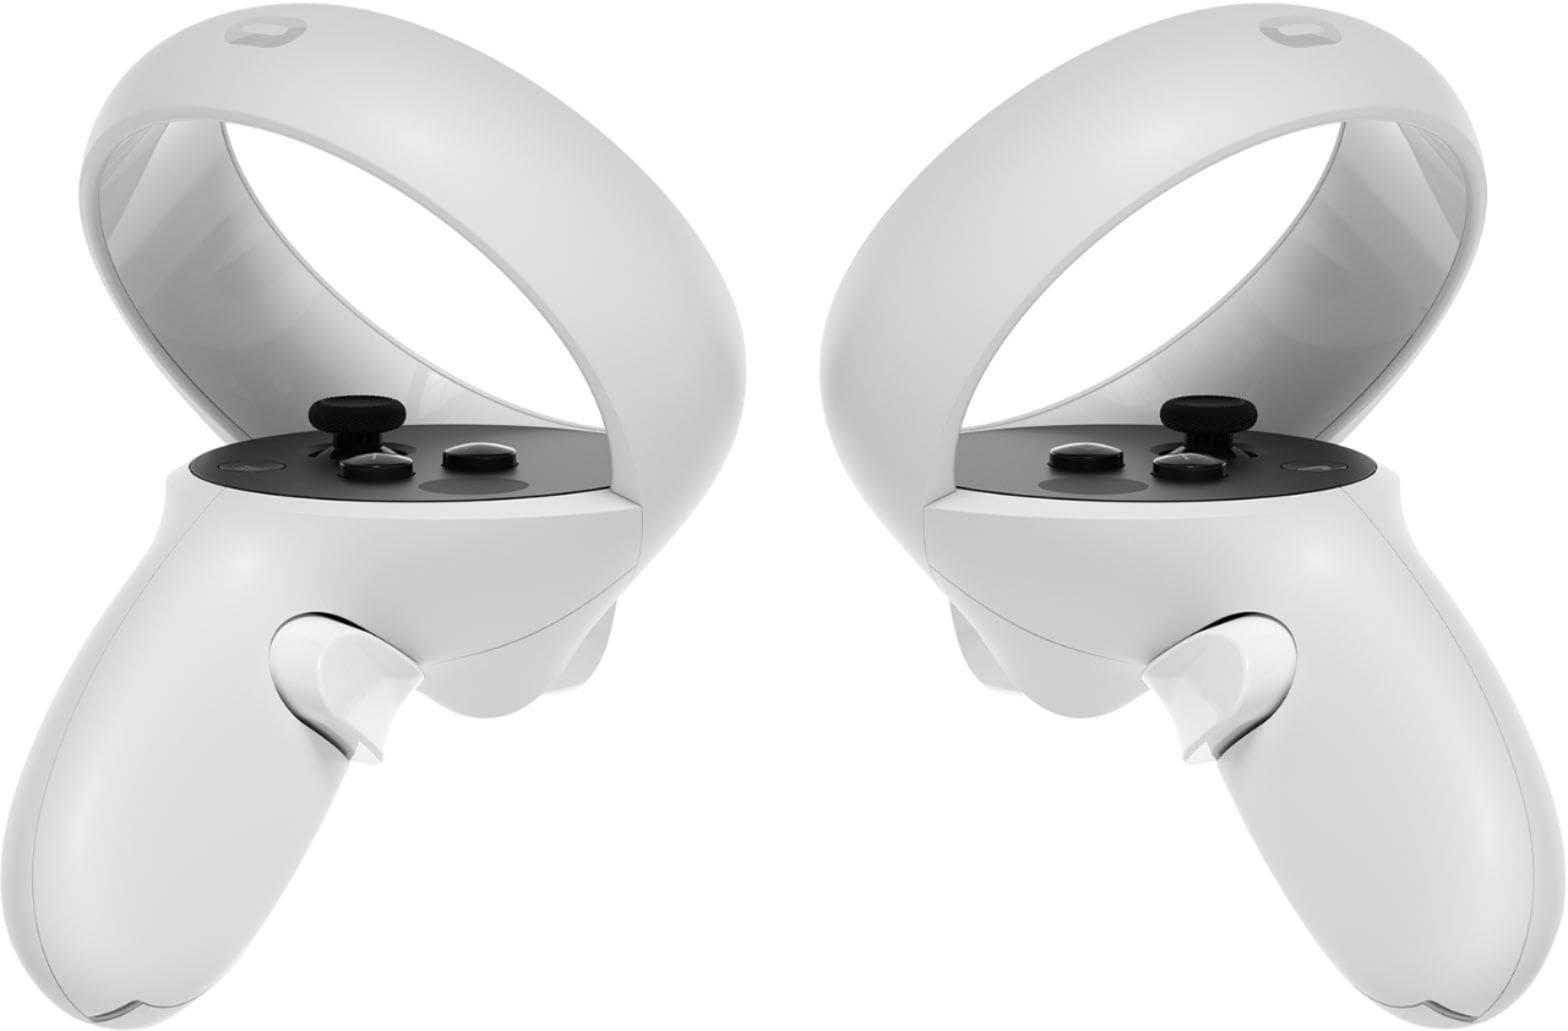 oculus quest 2 controller-min